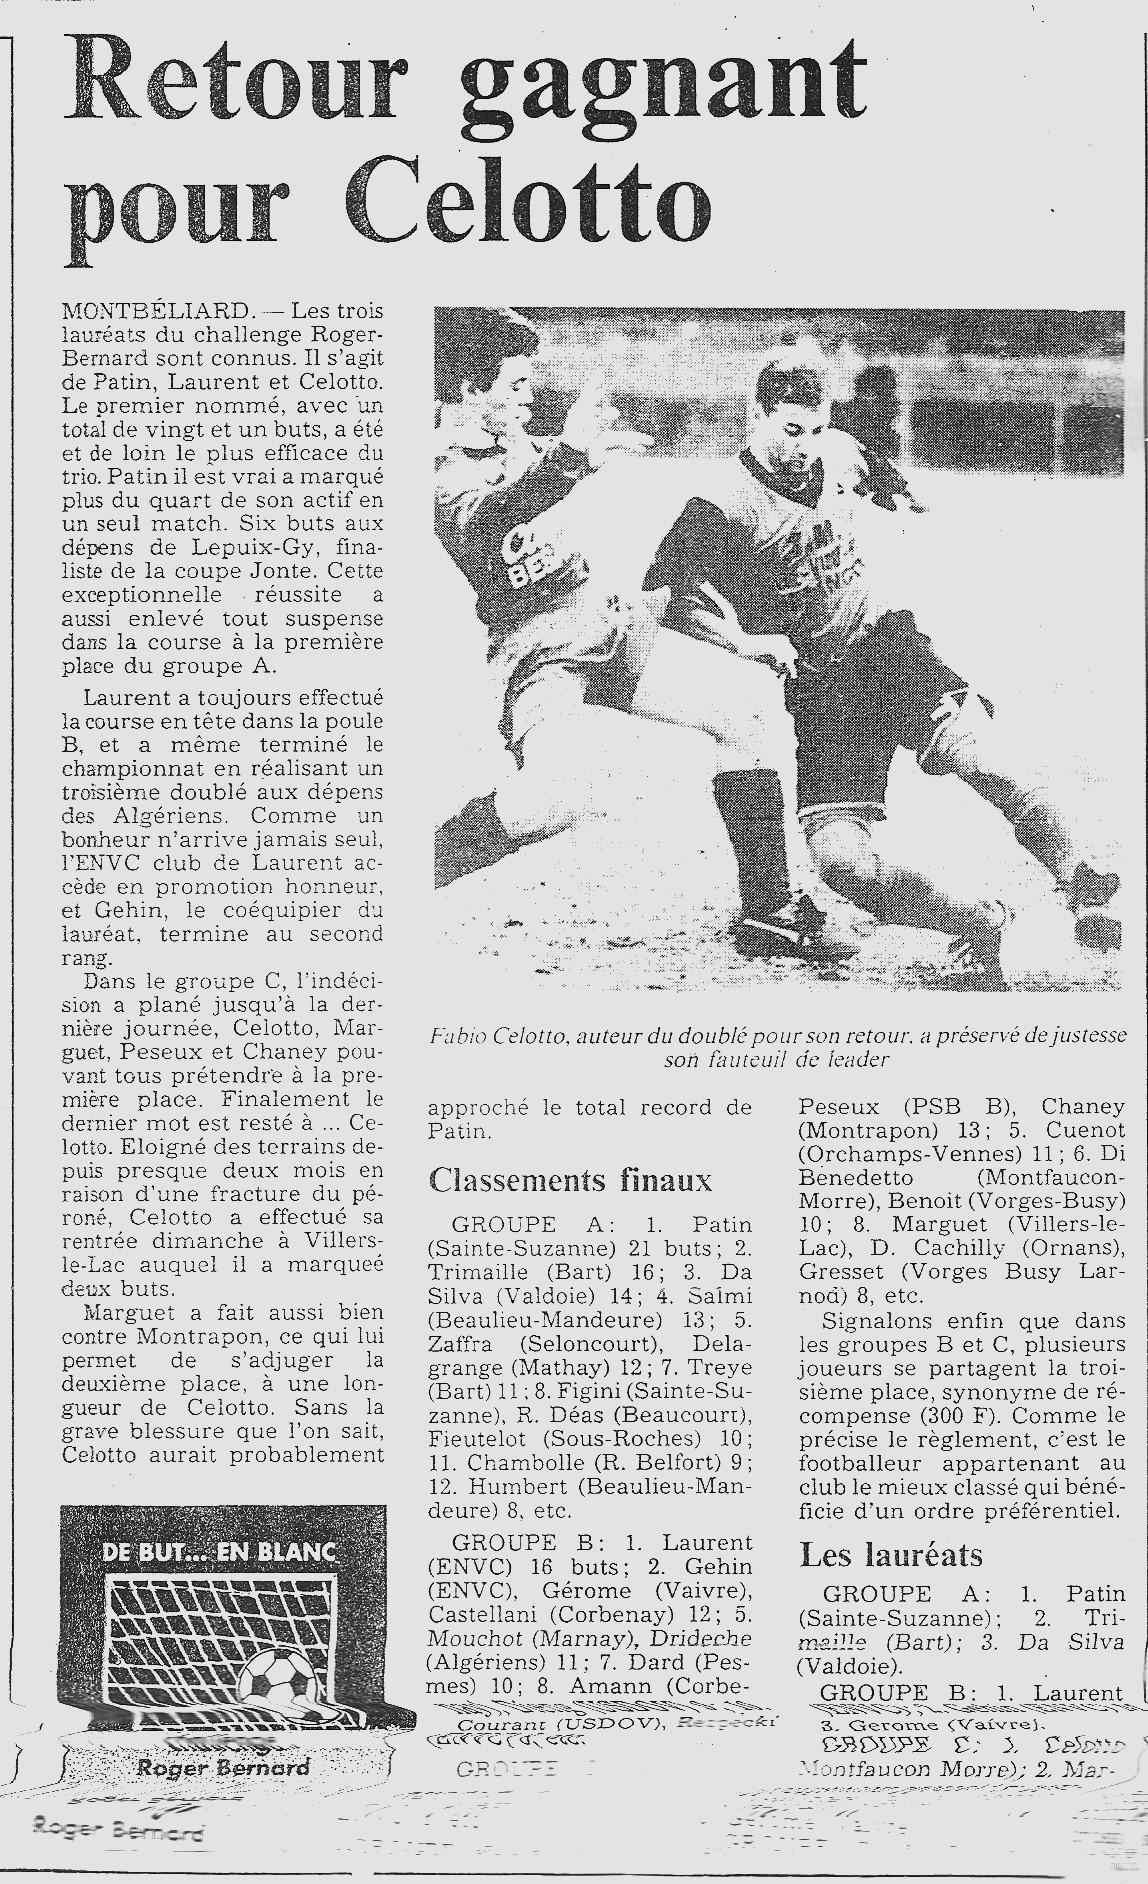 04/06/1991 - Retour gagnant pour CELOTTO